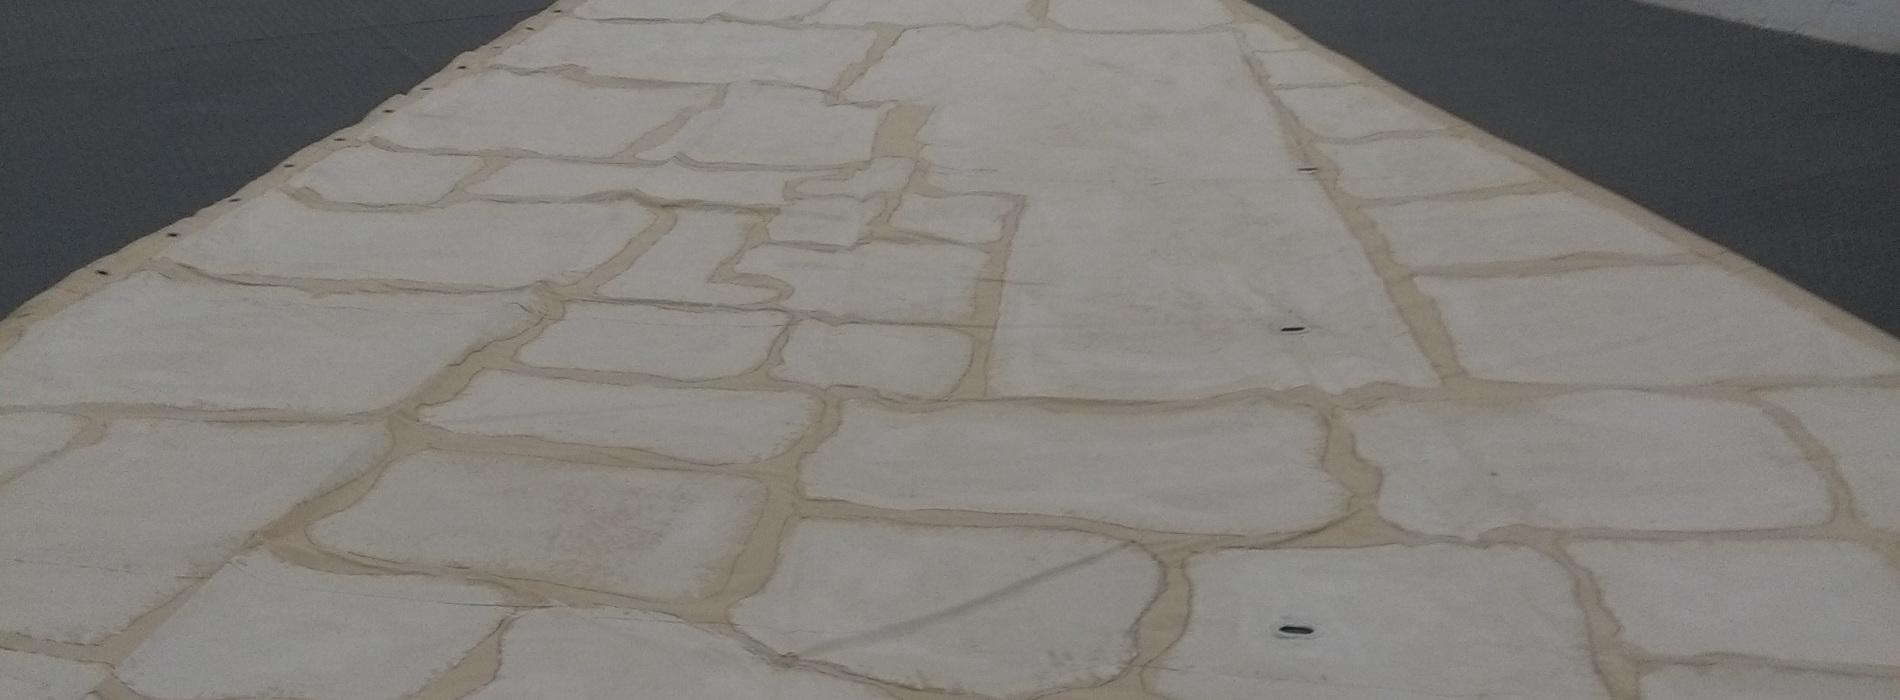 Torna a Caserta la Vela di Mafonso. Nel 2001 fu installata davanti alla Reggia